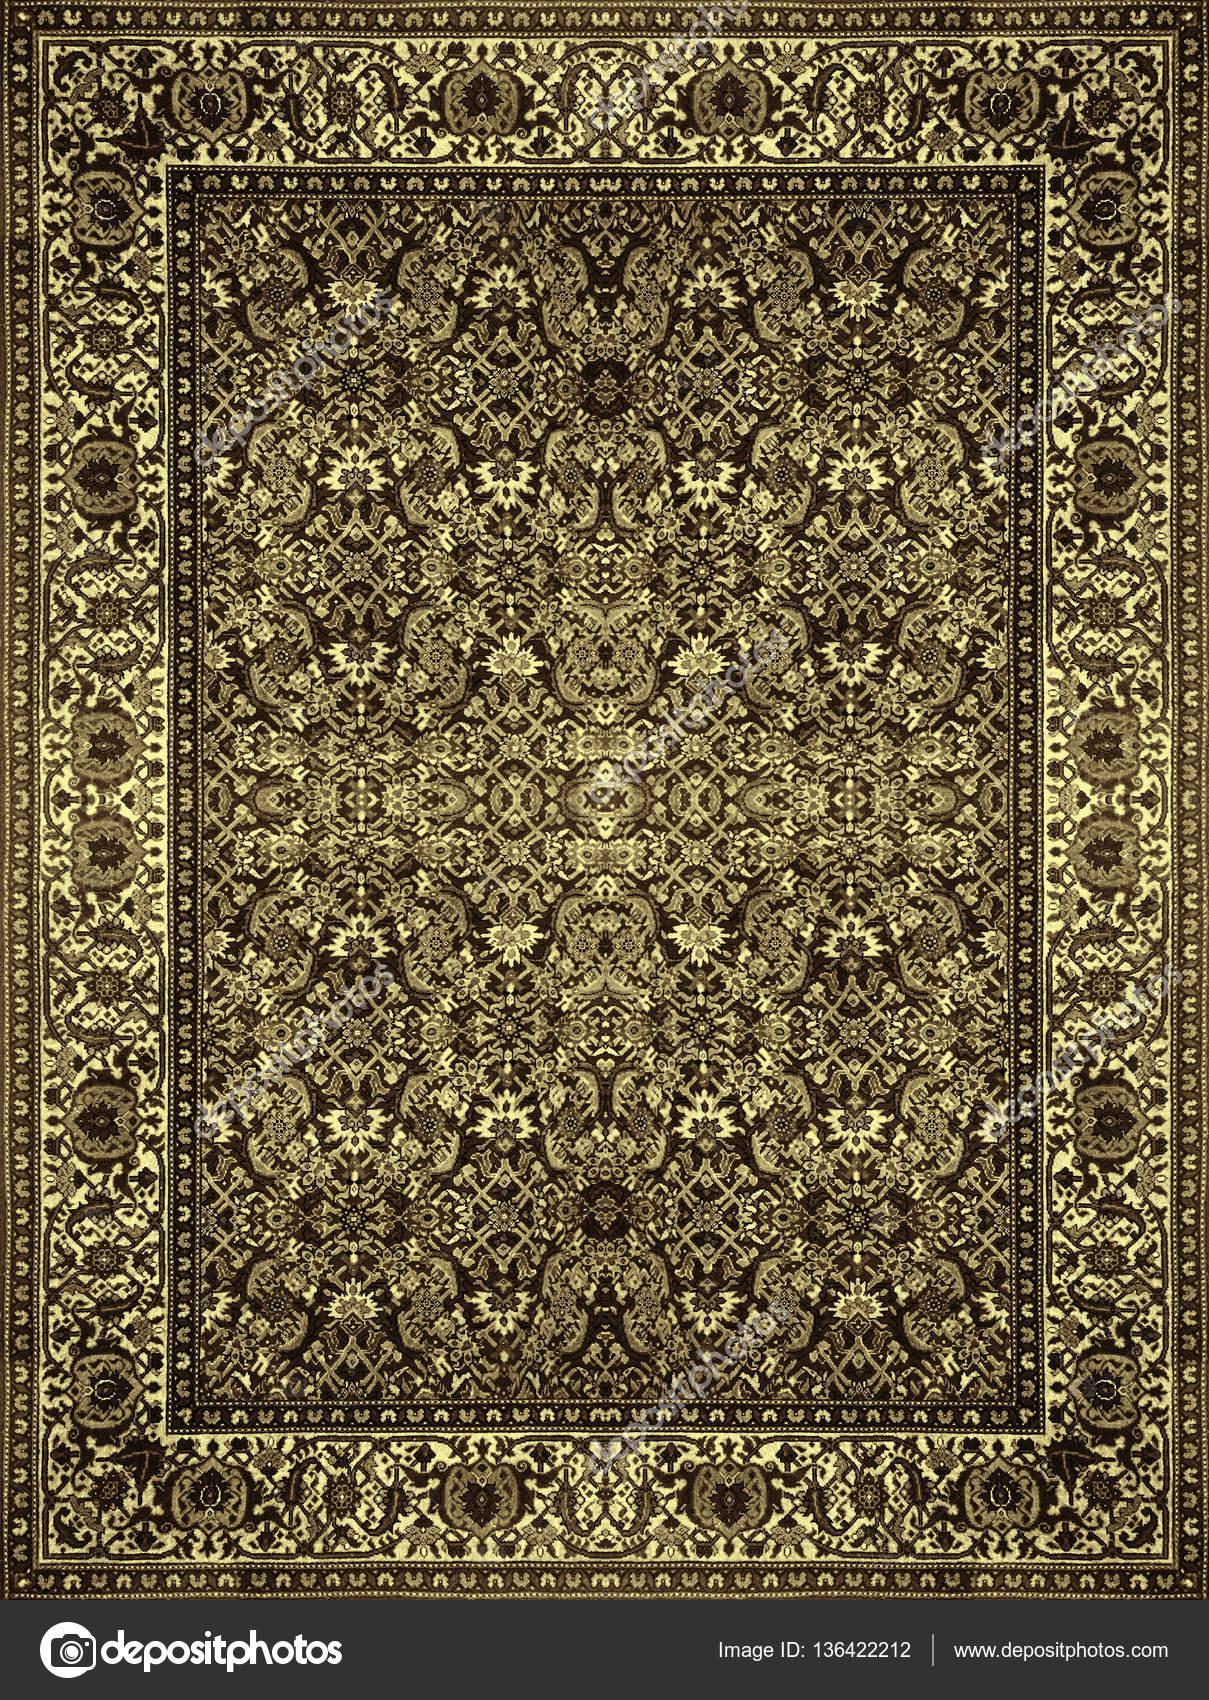 Persische Teppich Textur, Abstrakten Ornament. Runde Mandala Muster, Middle  Eastern Traditionelle Teppich Stoff Textur. Türkis Milchig Blau Grau Braun  Gelb ...